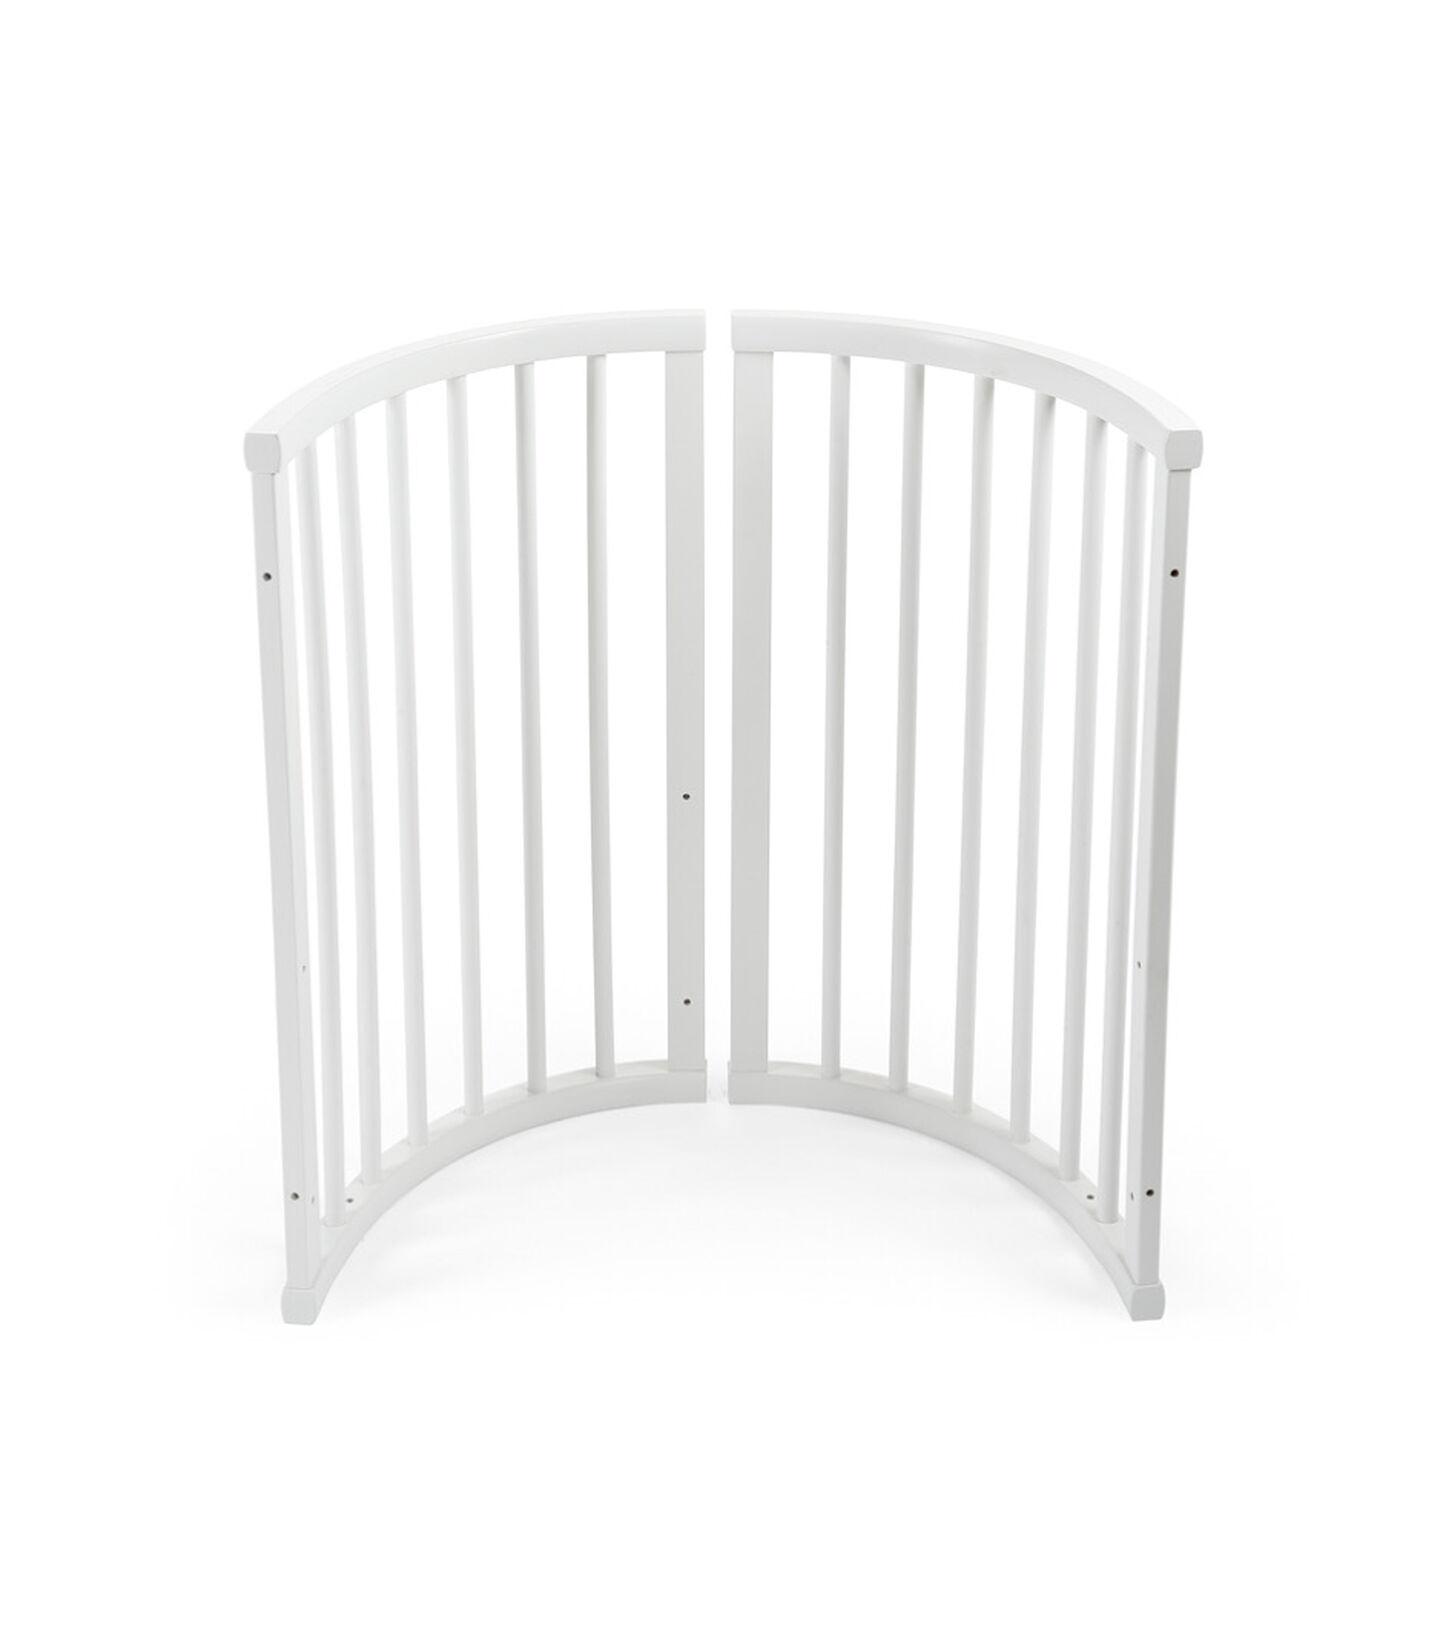 Stokke® Sleepi™ Endestykke højre White, White, mainview view 1